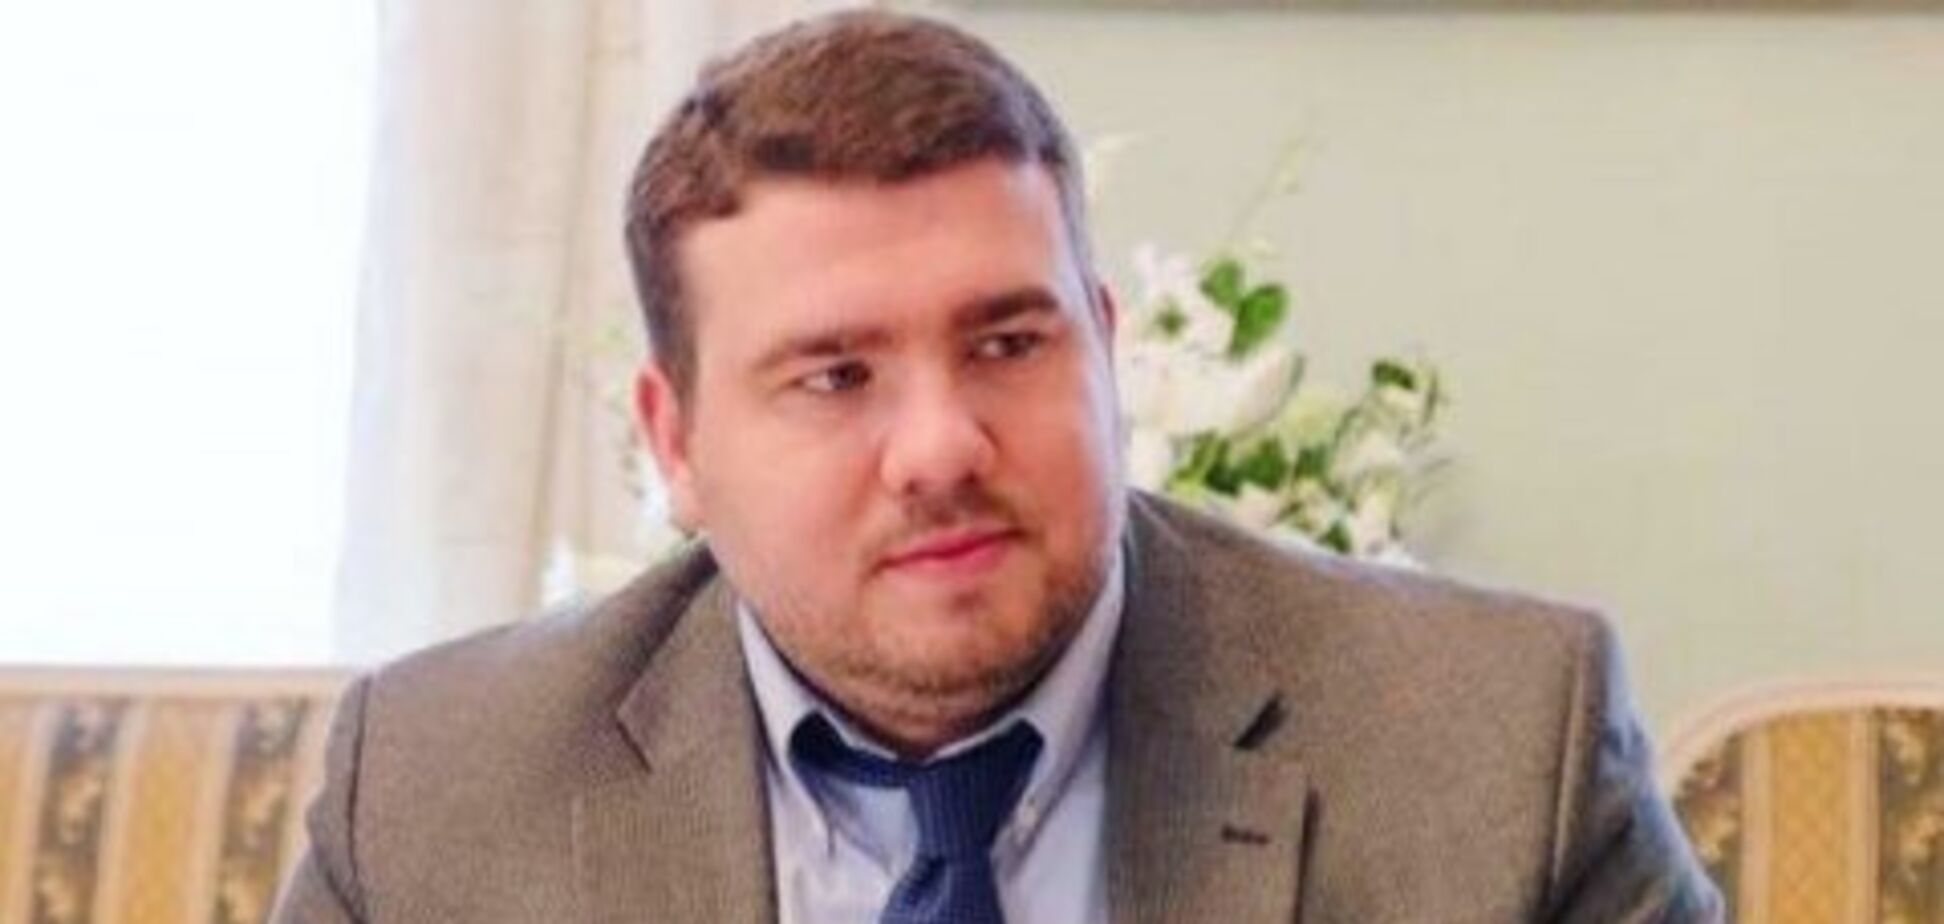 Союзник Джулиани предлагал деньги за поддержку каналов Медведчука – CNN